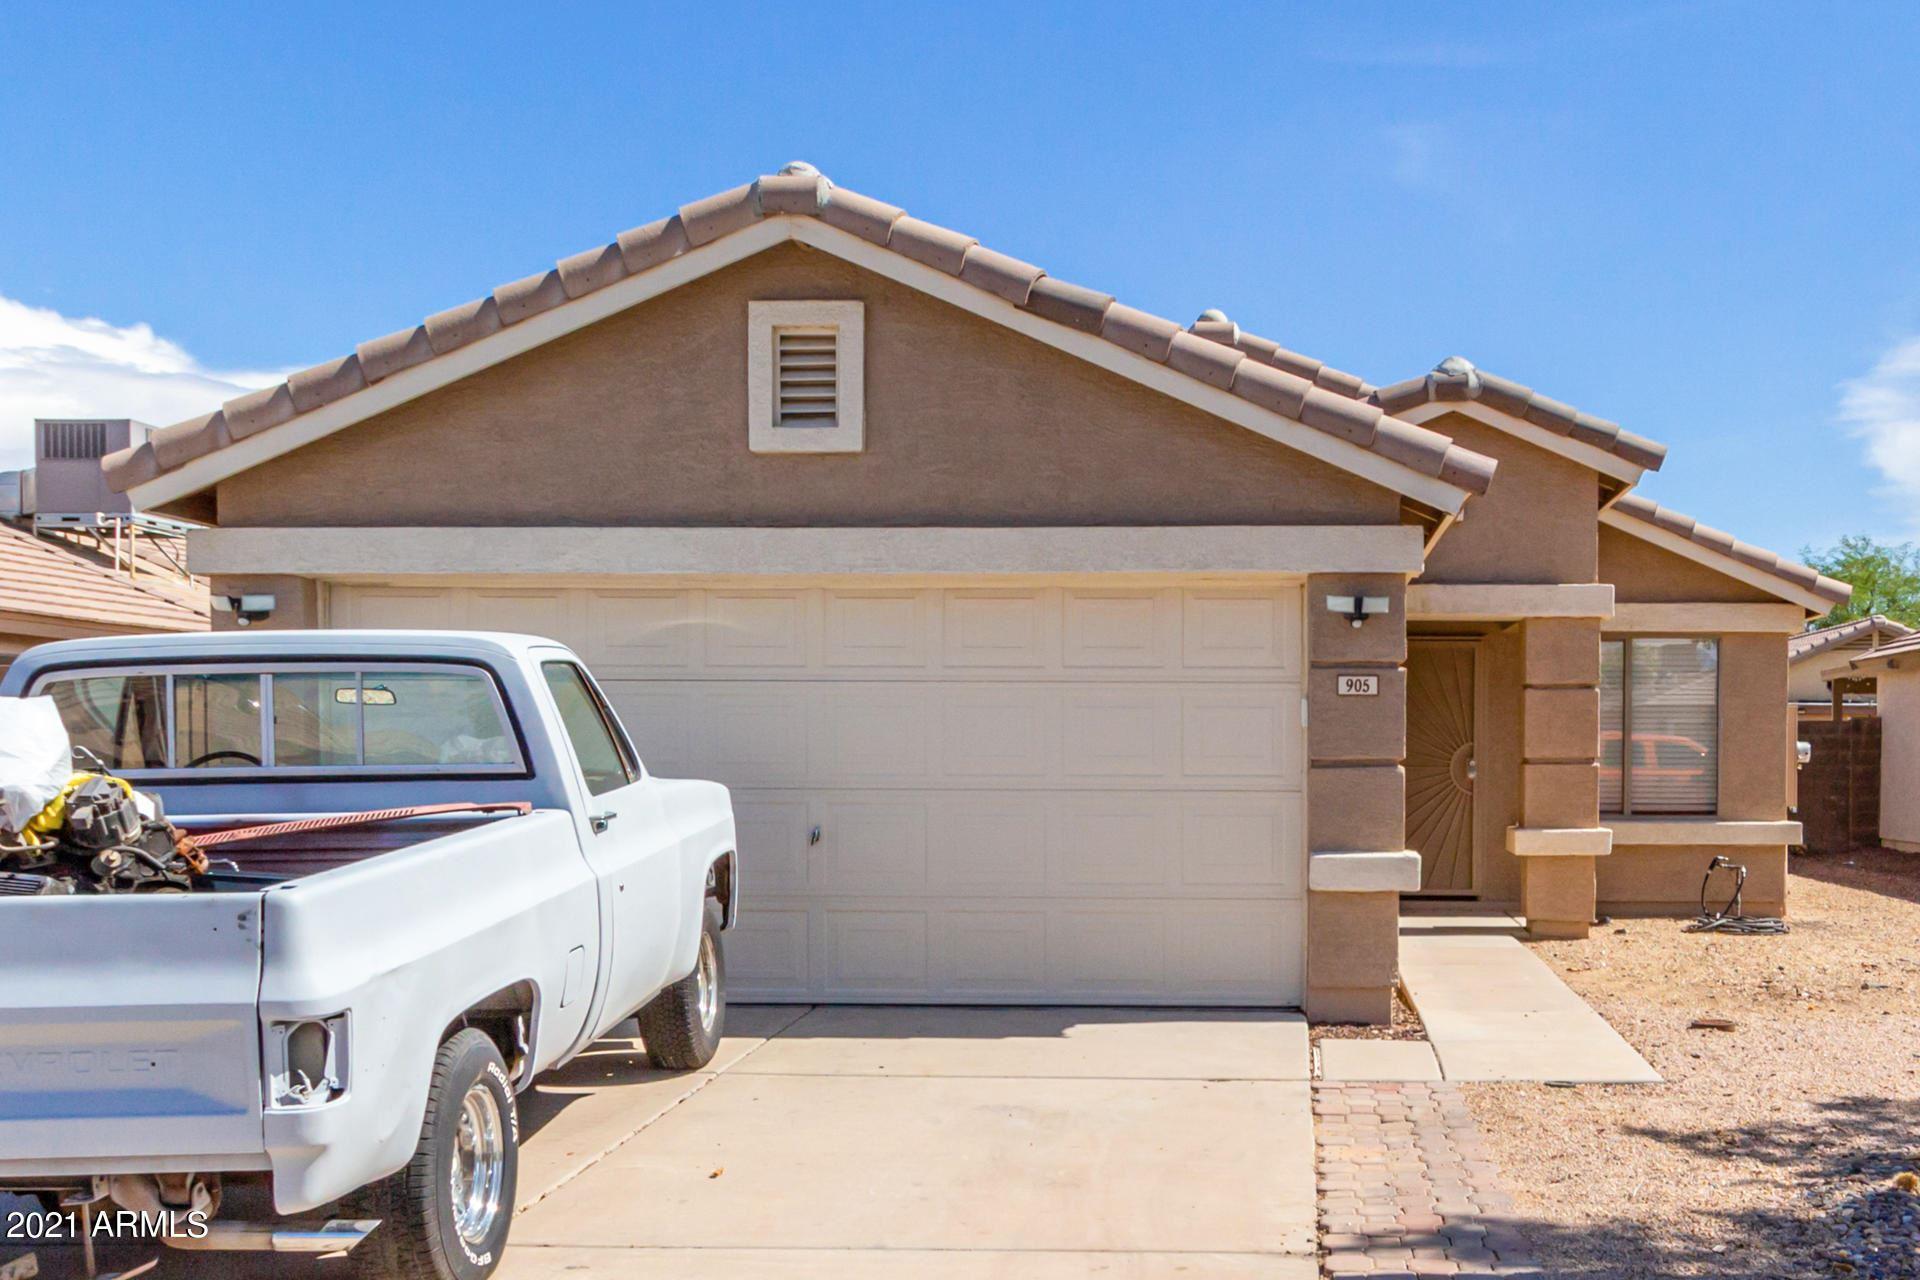 Photo of 905 E GRAHAM Lane, Apache Junction, AZ 85119 (MLS # 6268033)